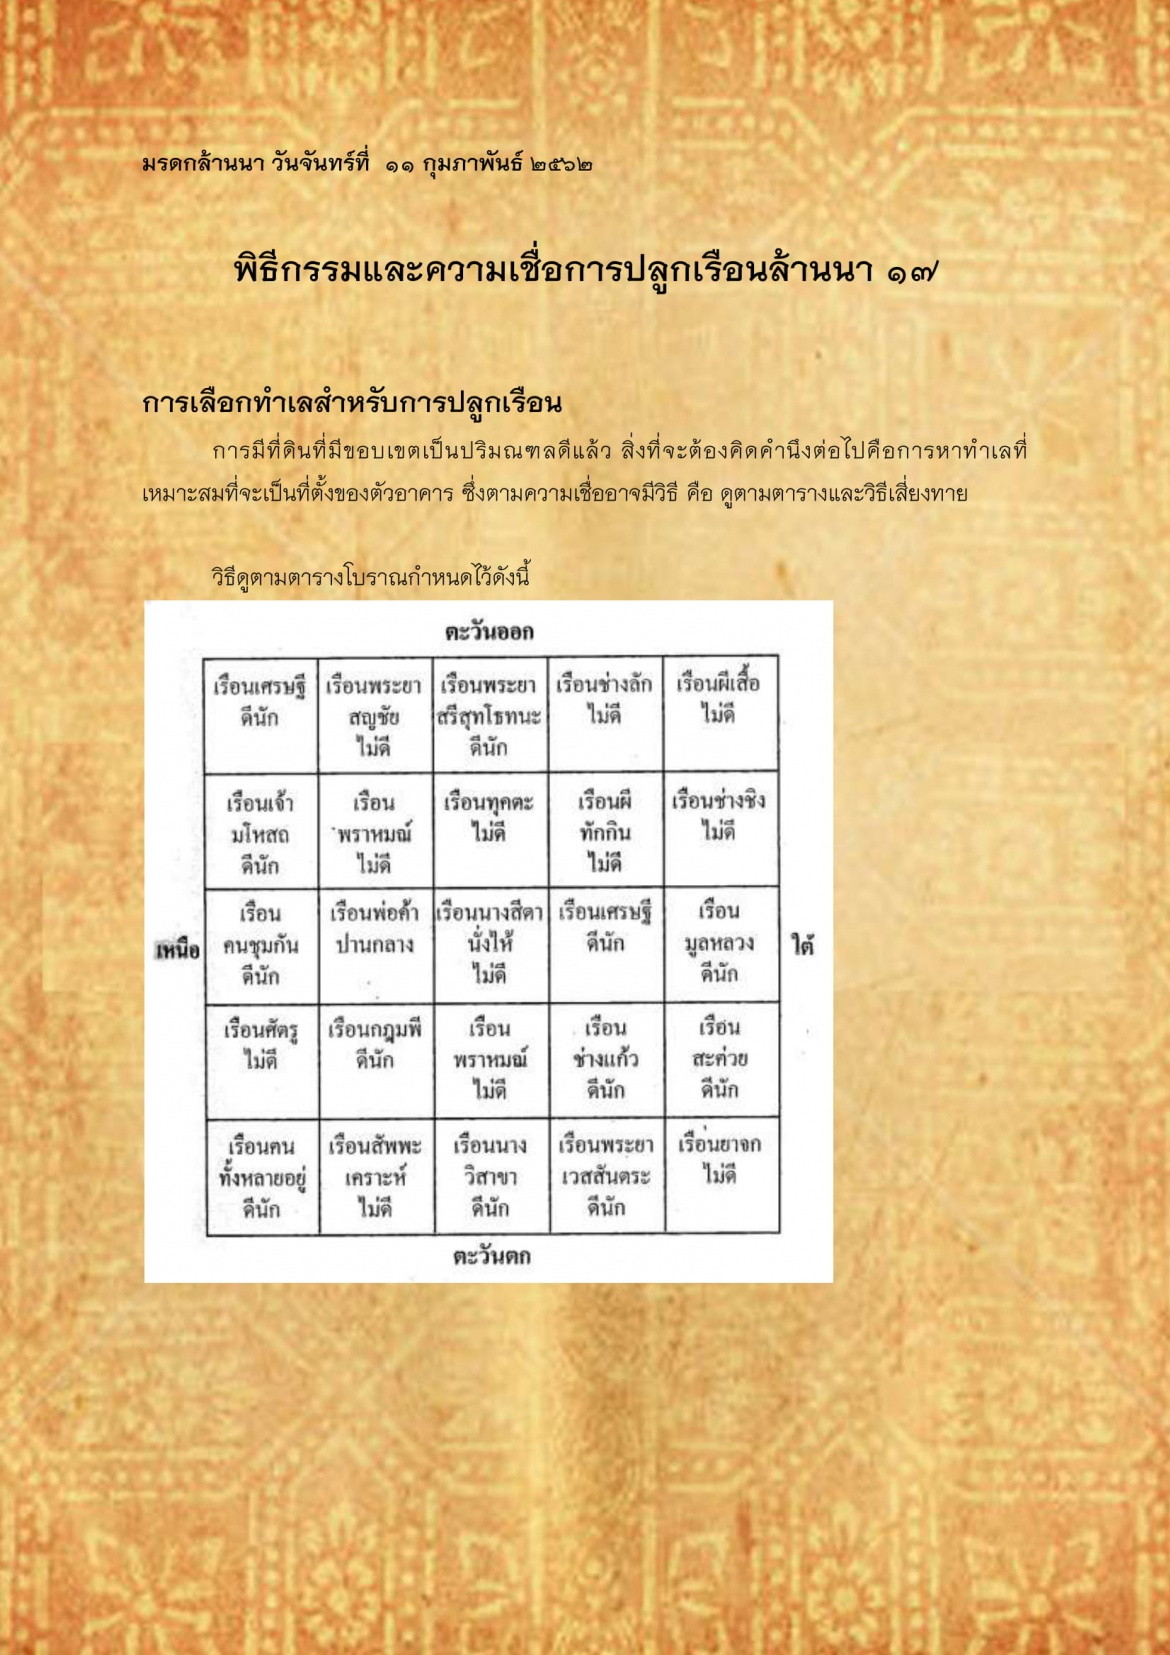 พิธีกรรมเเละความเชื่อการปลูกเรือนล้านนา(17) - 11 กุมภาพันธ์ 2562